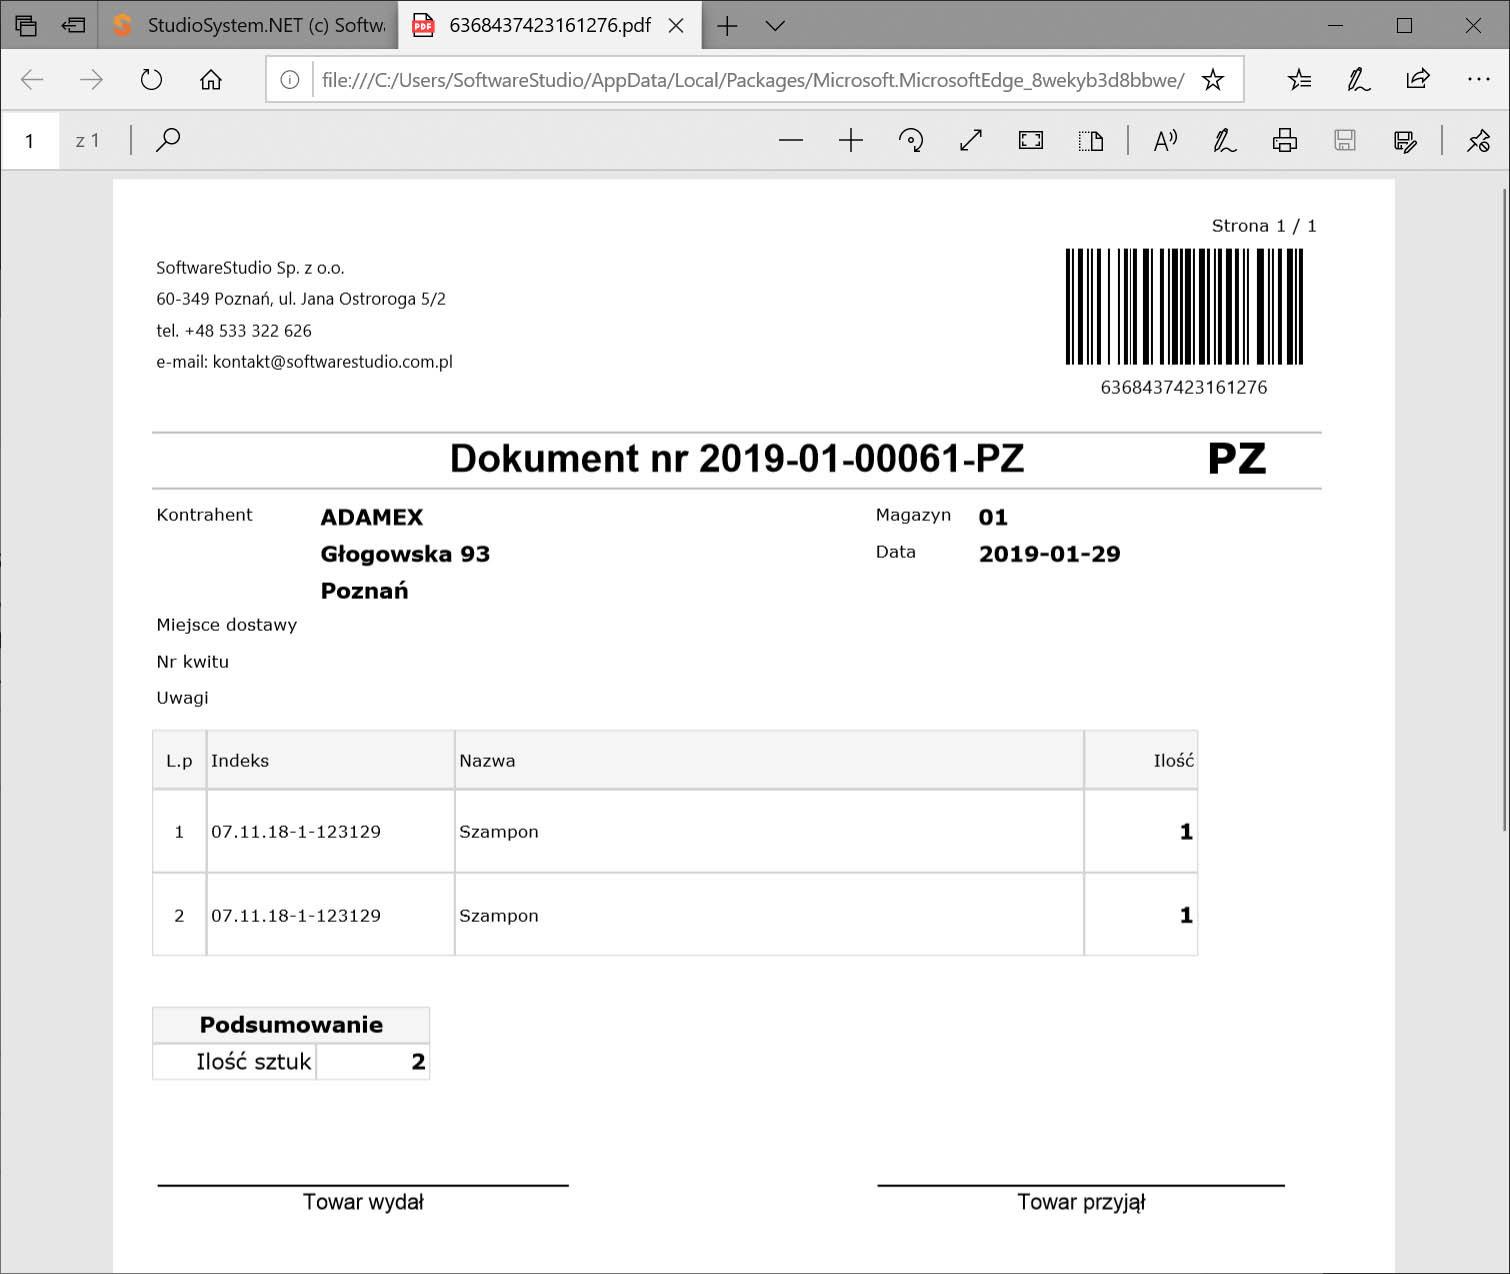 outsourcing it poznań , czyli Software house. Magazynowe systemy informatyczne